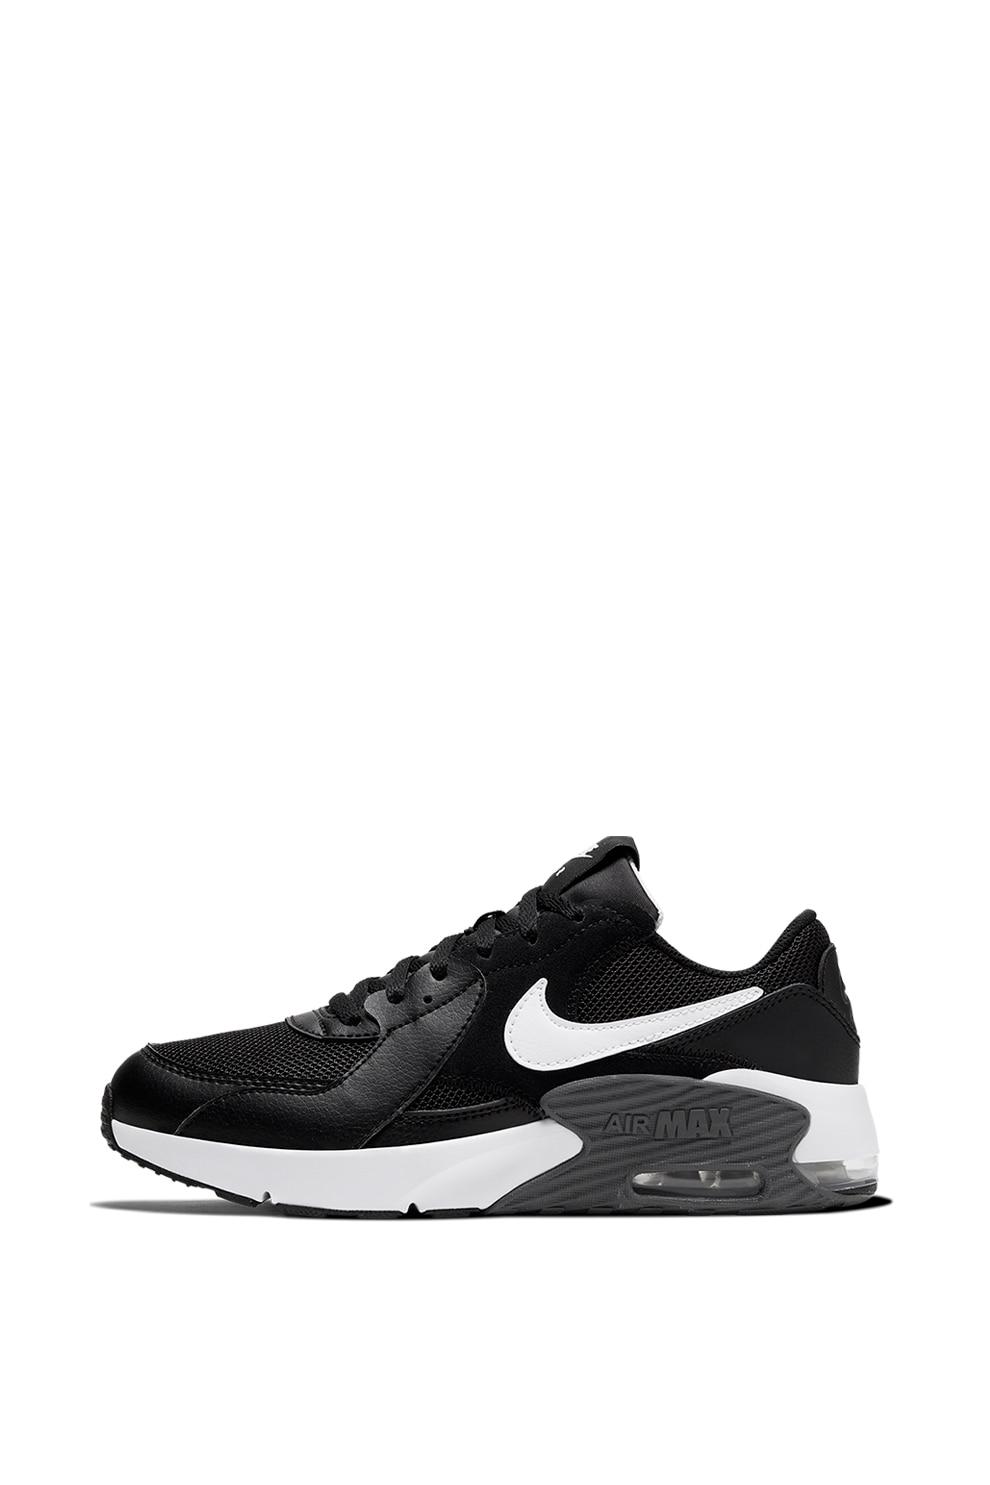 Sinis sequía Es una suerte que  Nike, Pantofi sport cu garnituri de piele si piele intoarsa Air Max Excee,  Negru/Alb, 35.5 EU - eMAG.ro